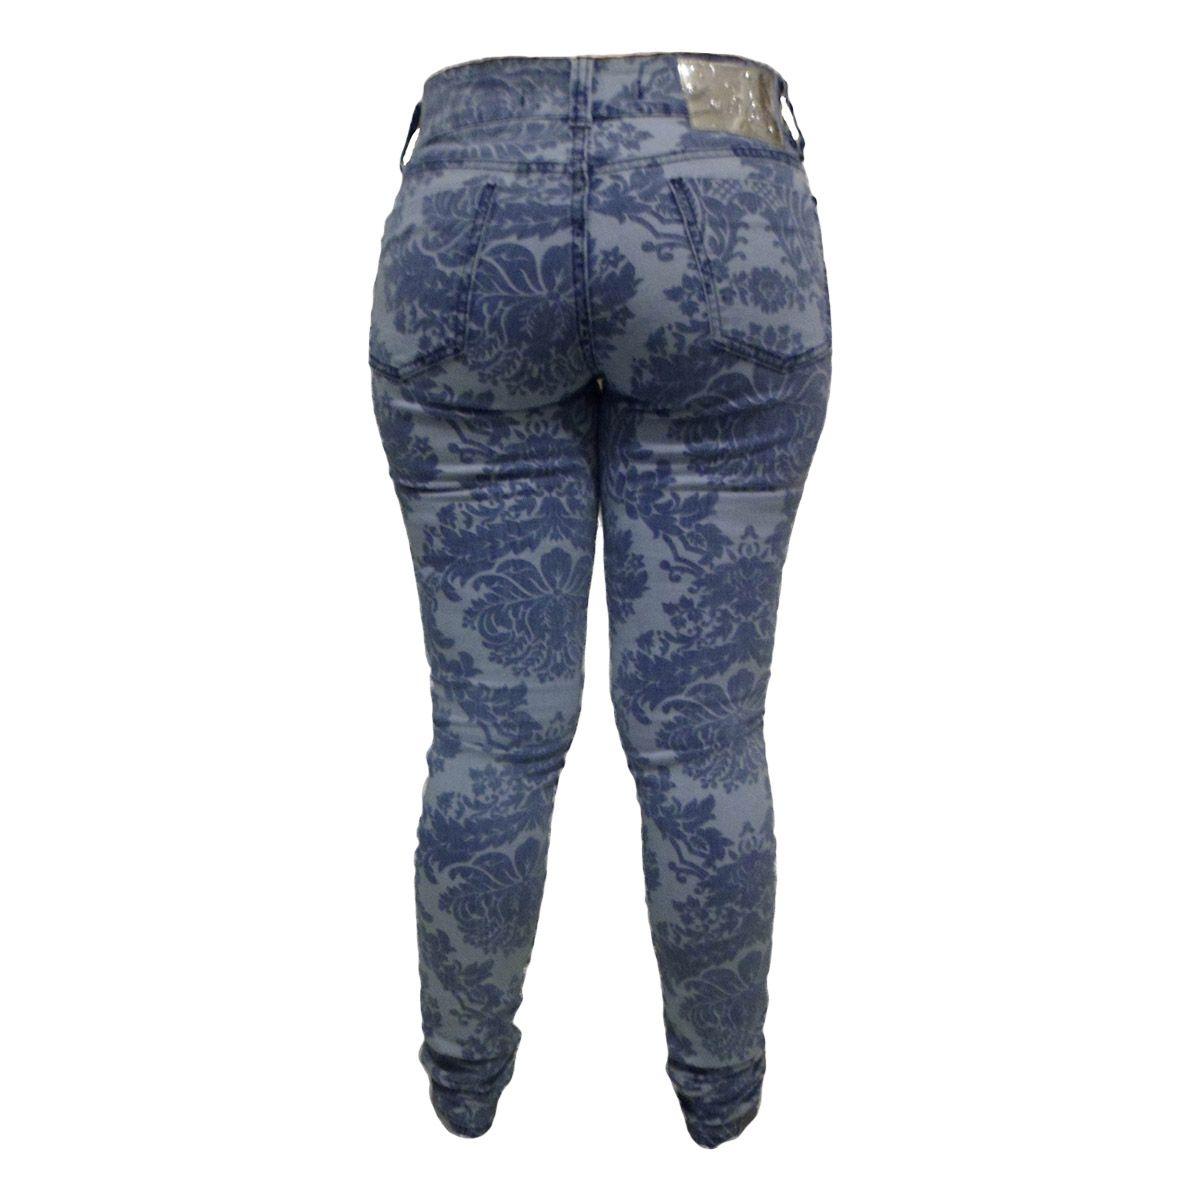 Calça Jeans Super Skinny Estampada Tamanhos 38 E 40